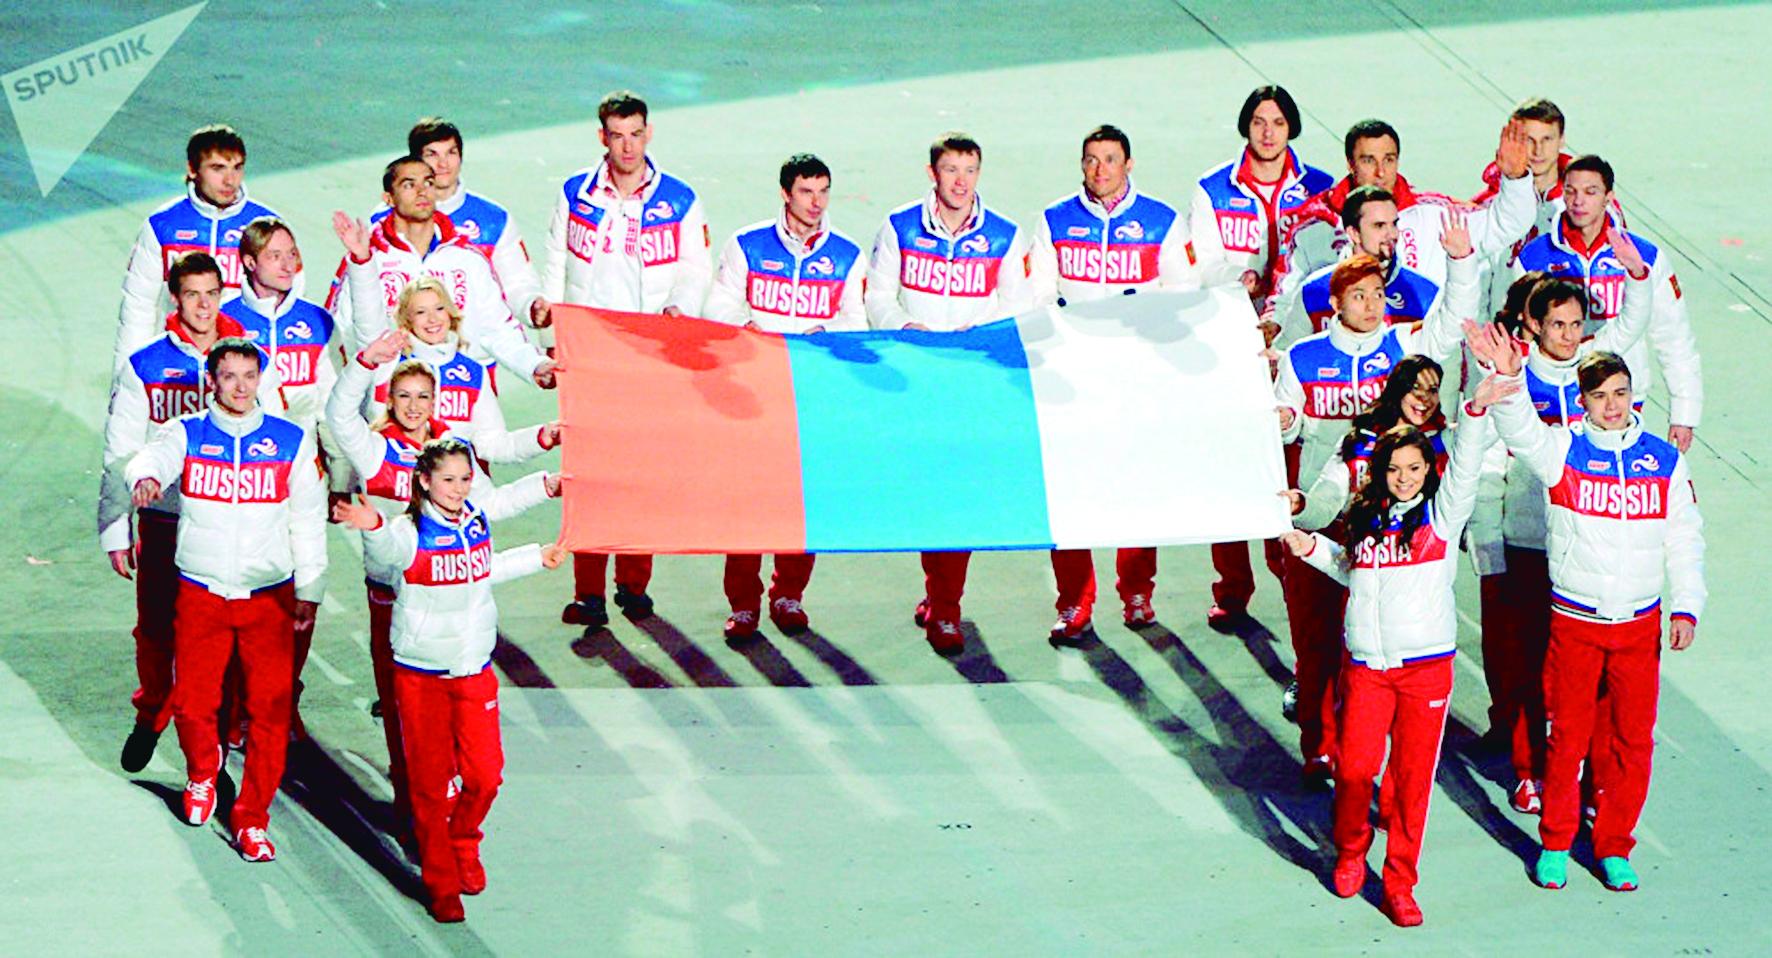 Rusia espera estar presente en Tokio 2020 | Internacional | Deportes | EL FRENTE